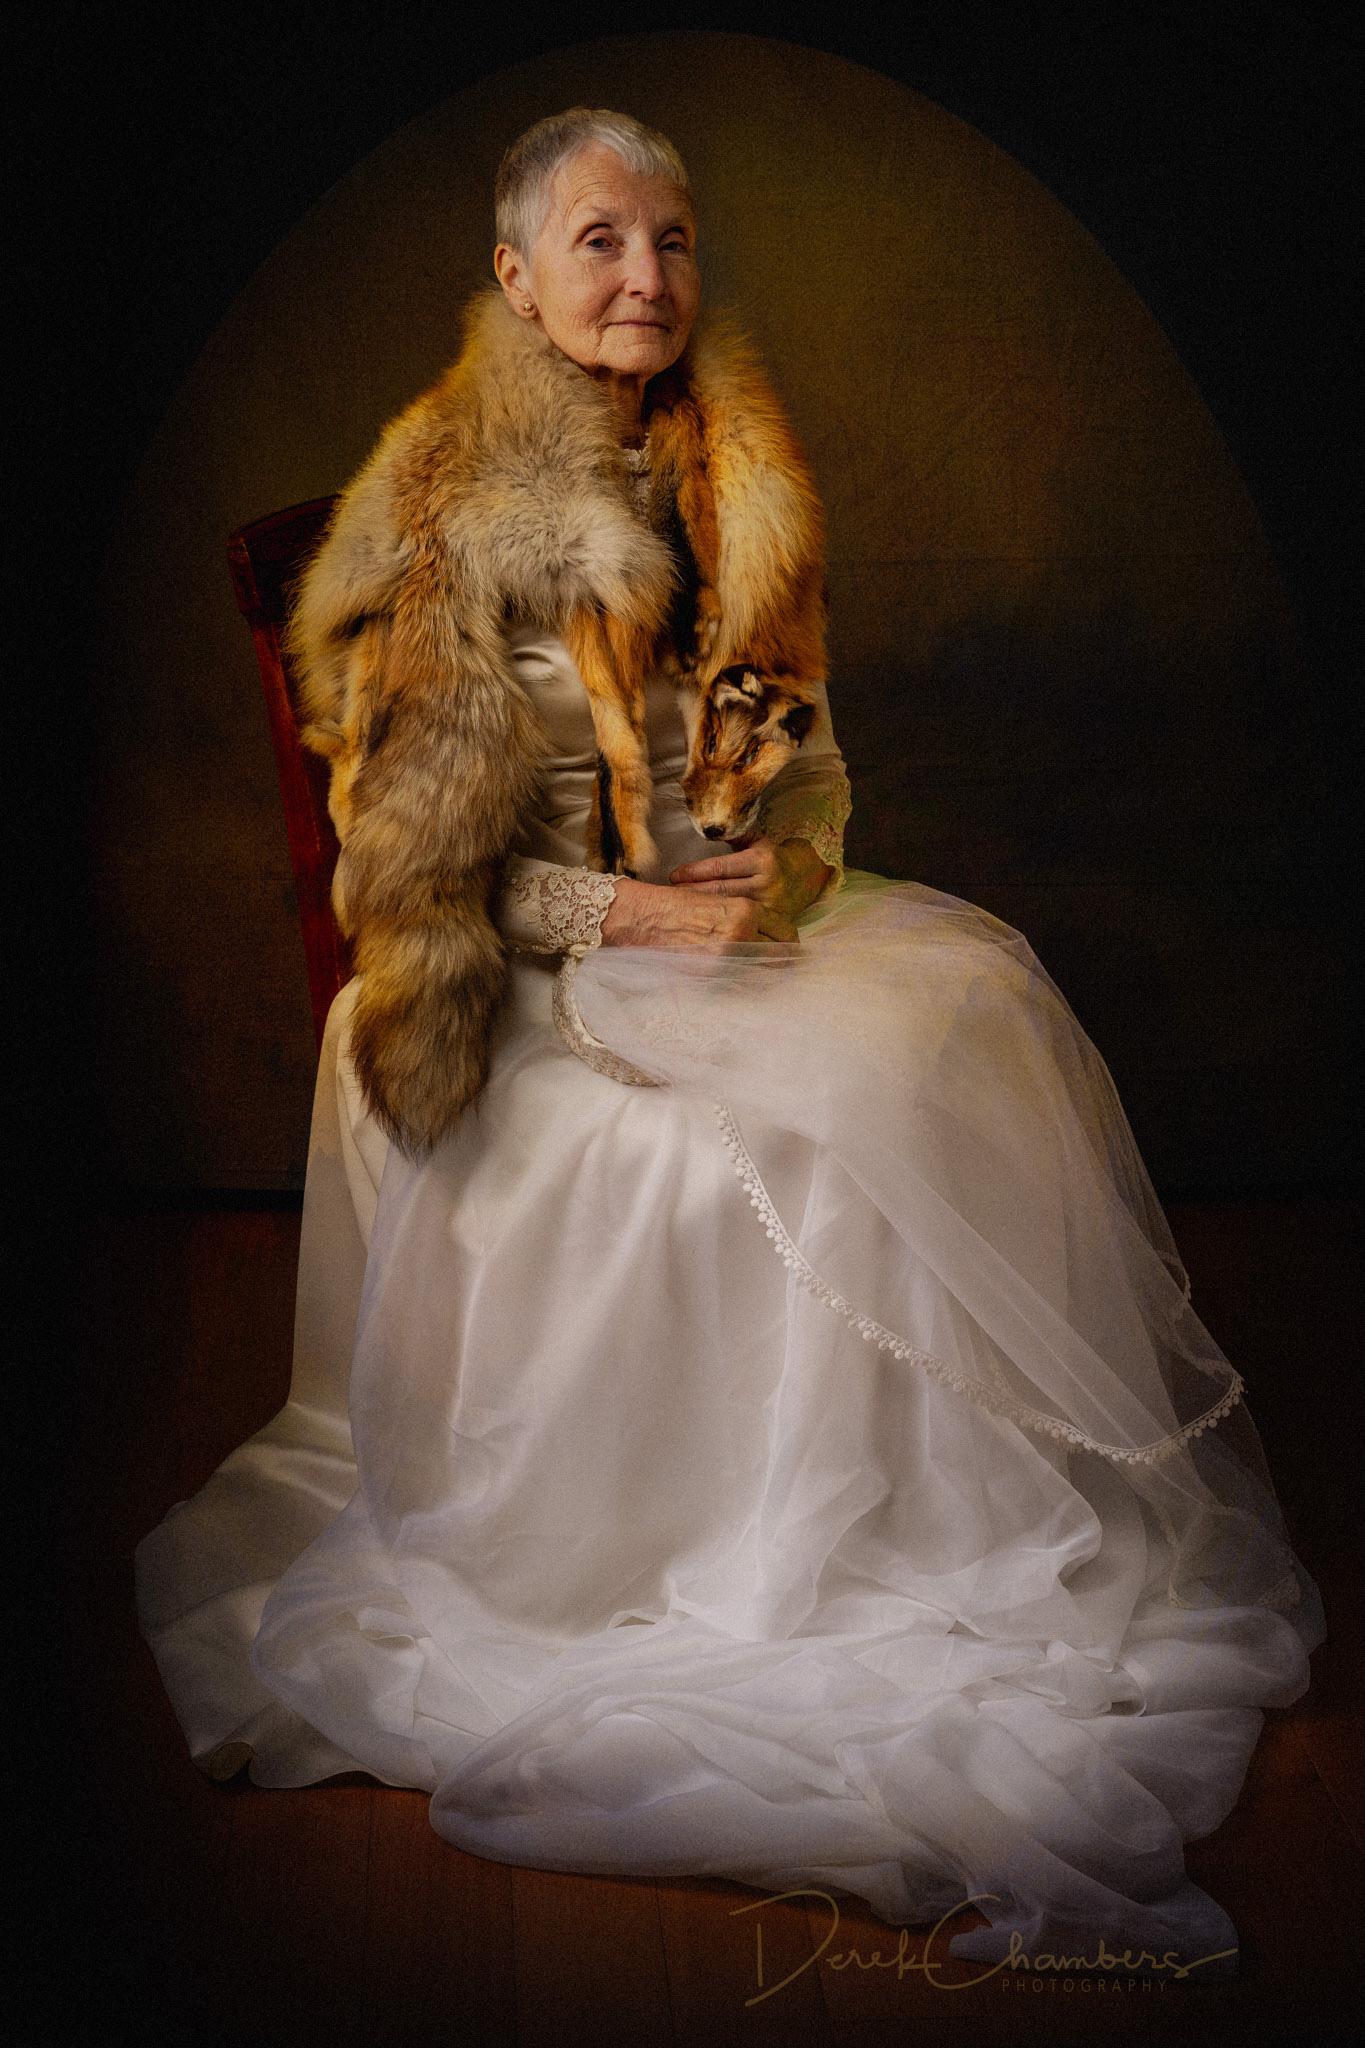 SJ03-S5084 - The Wedding Dress - Derek Chambers